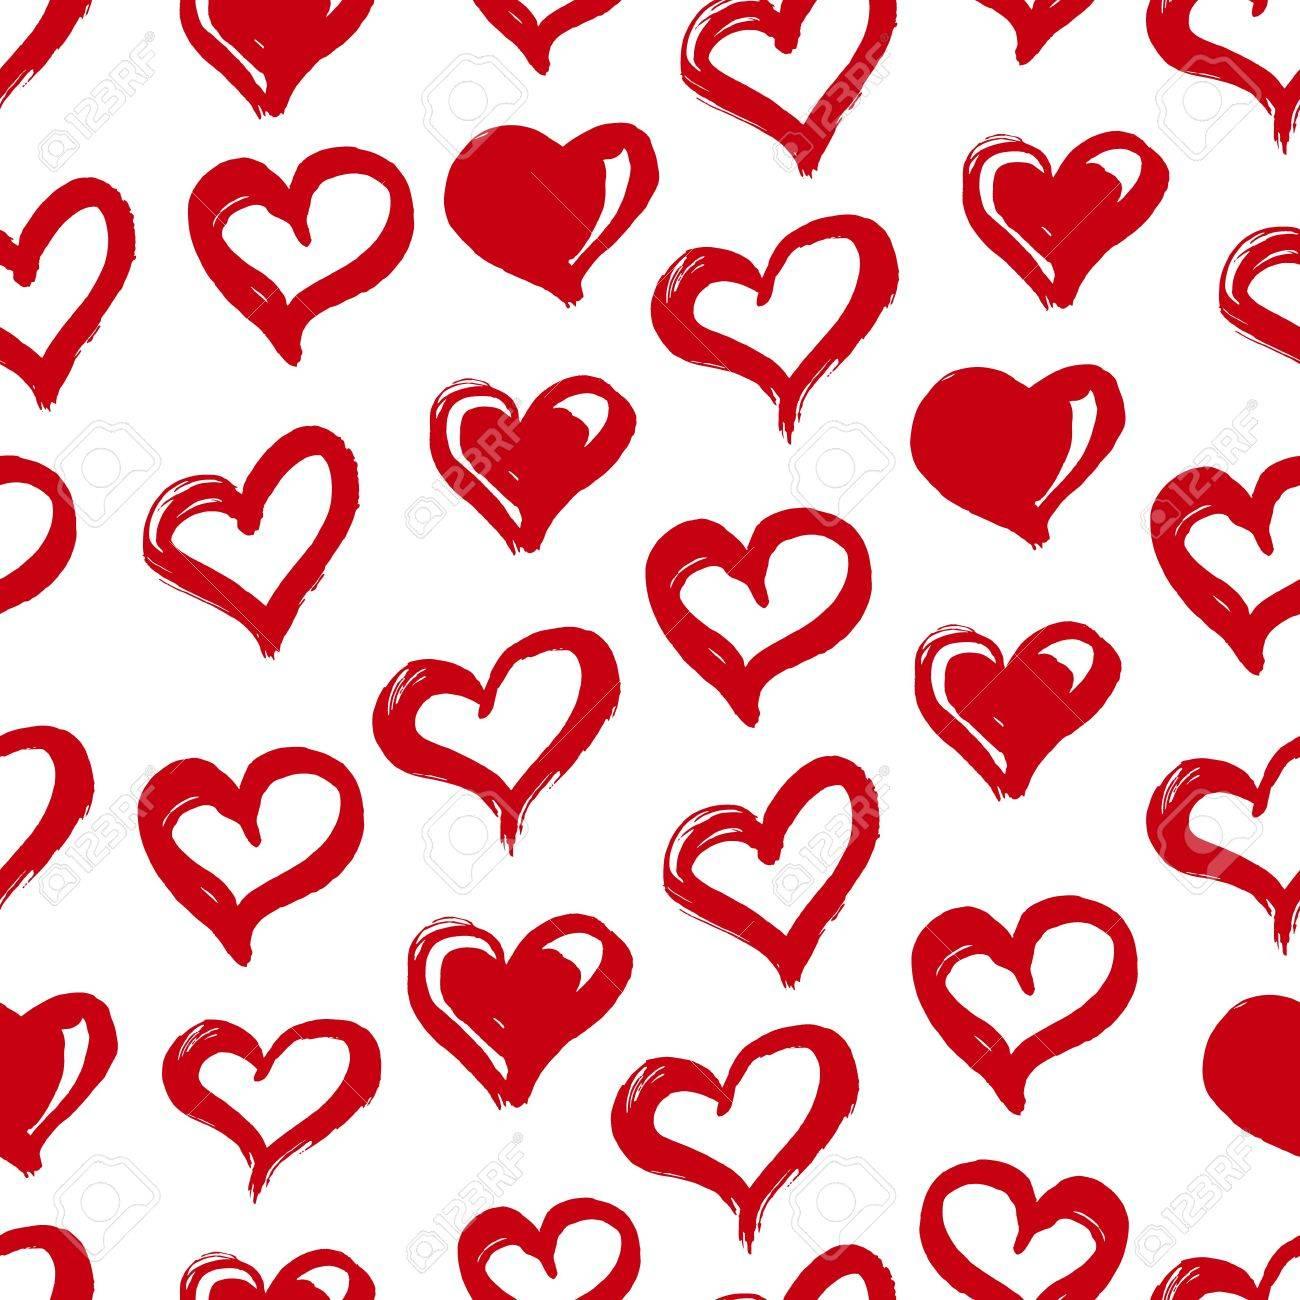 シームレスなハート柄インクと手書き赤と白愛の概念printables